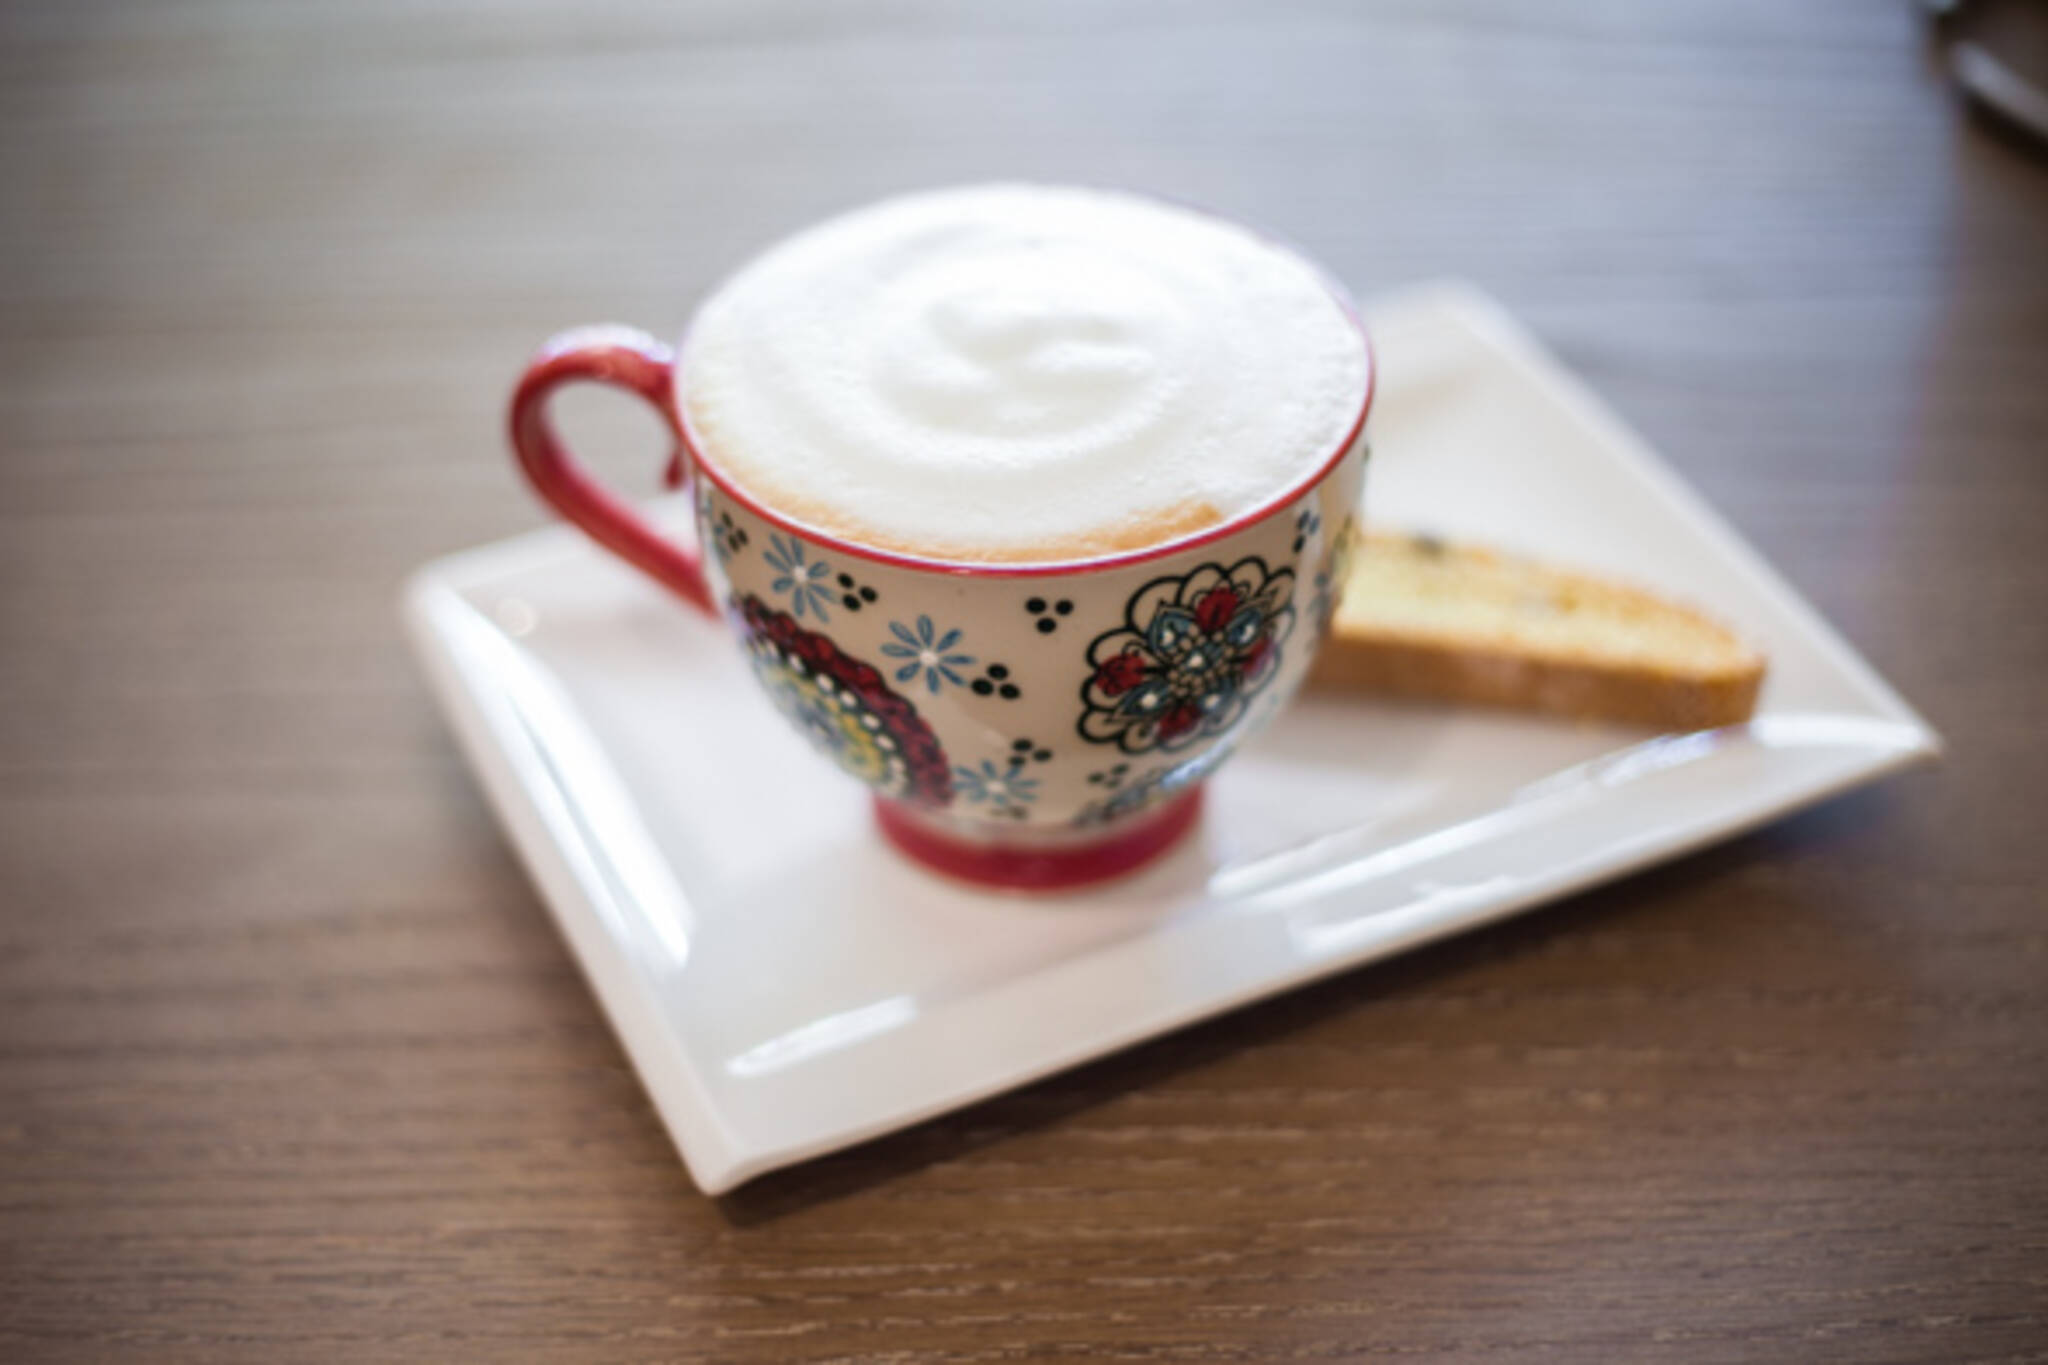 cappuccino photo